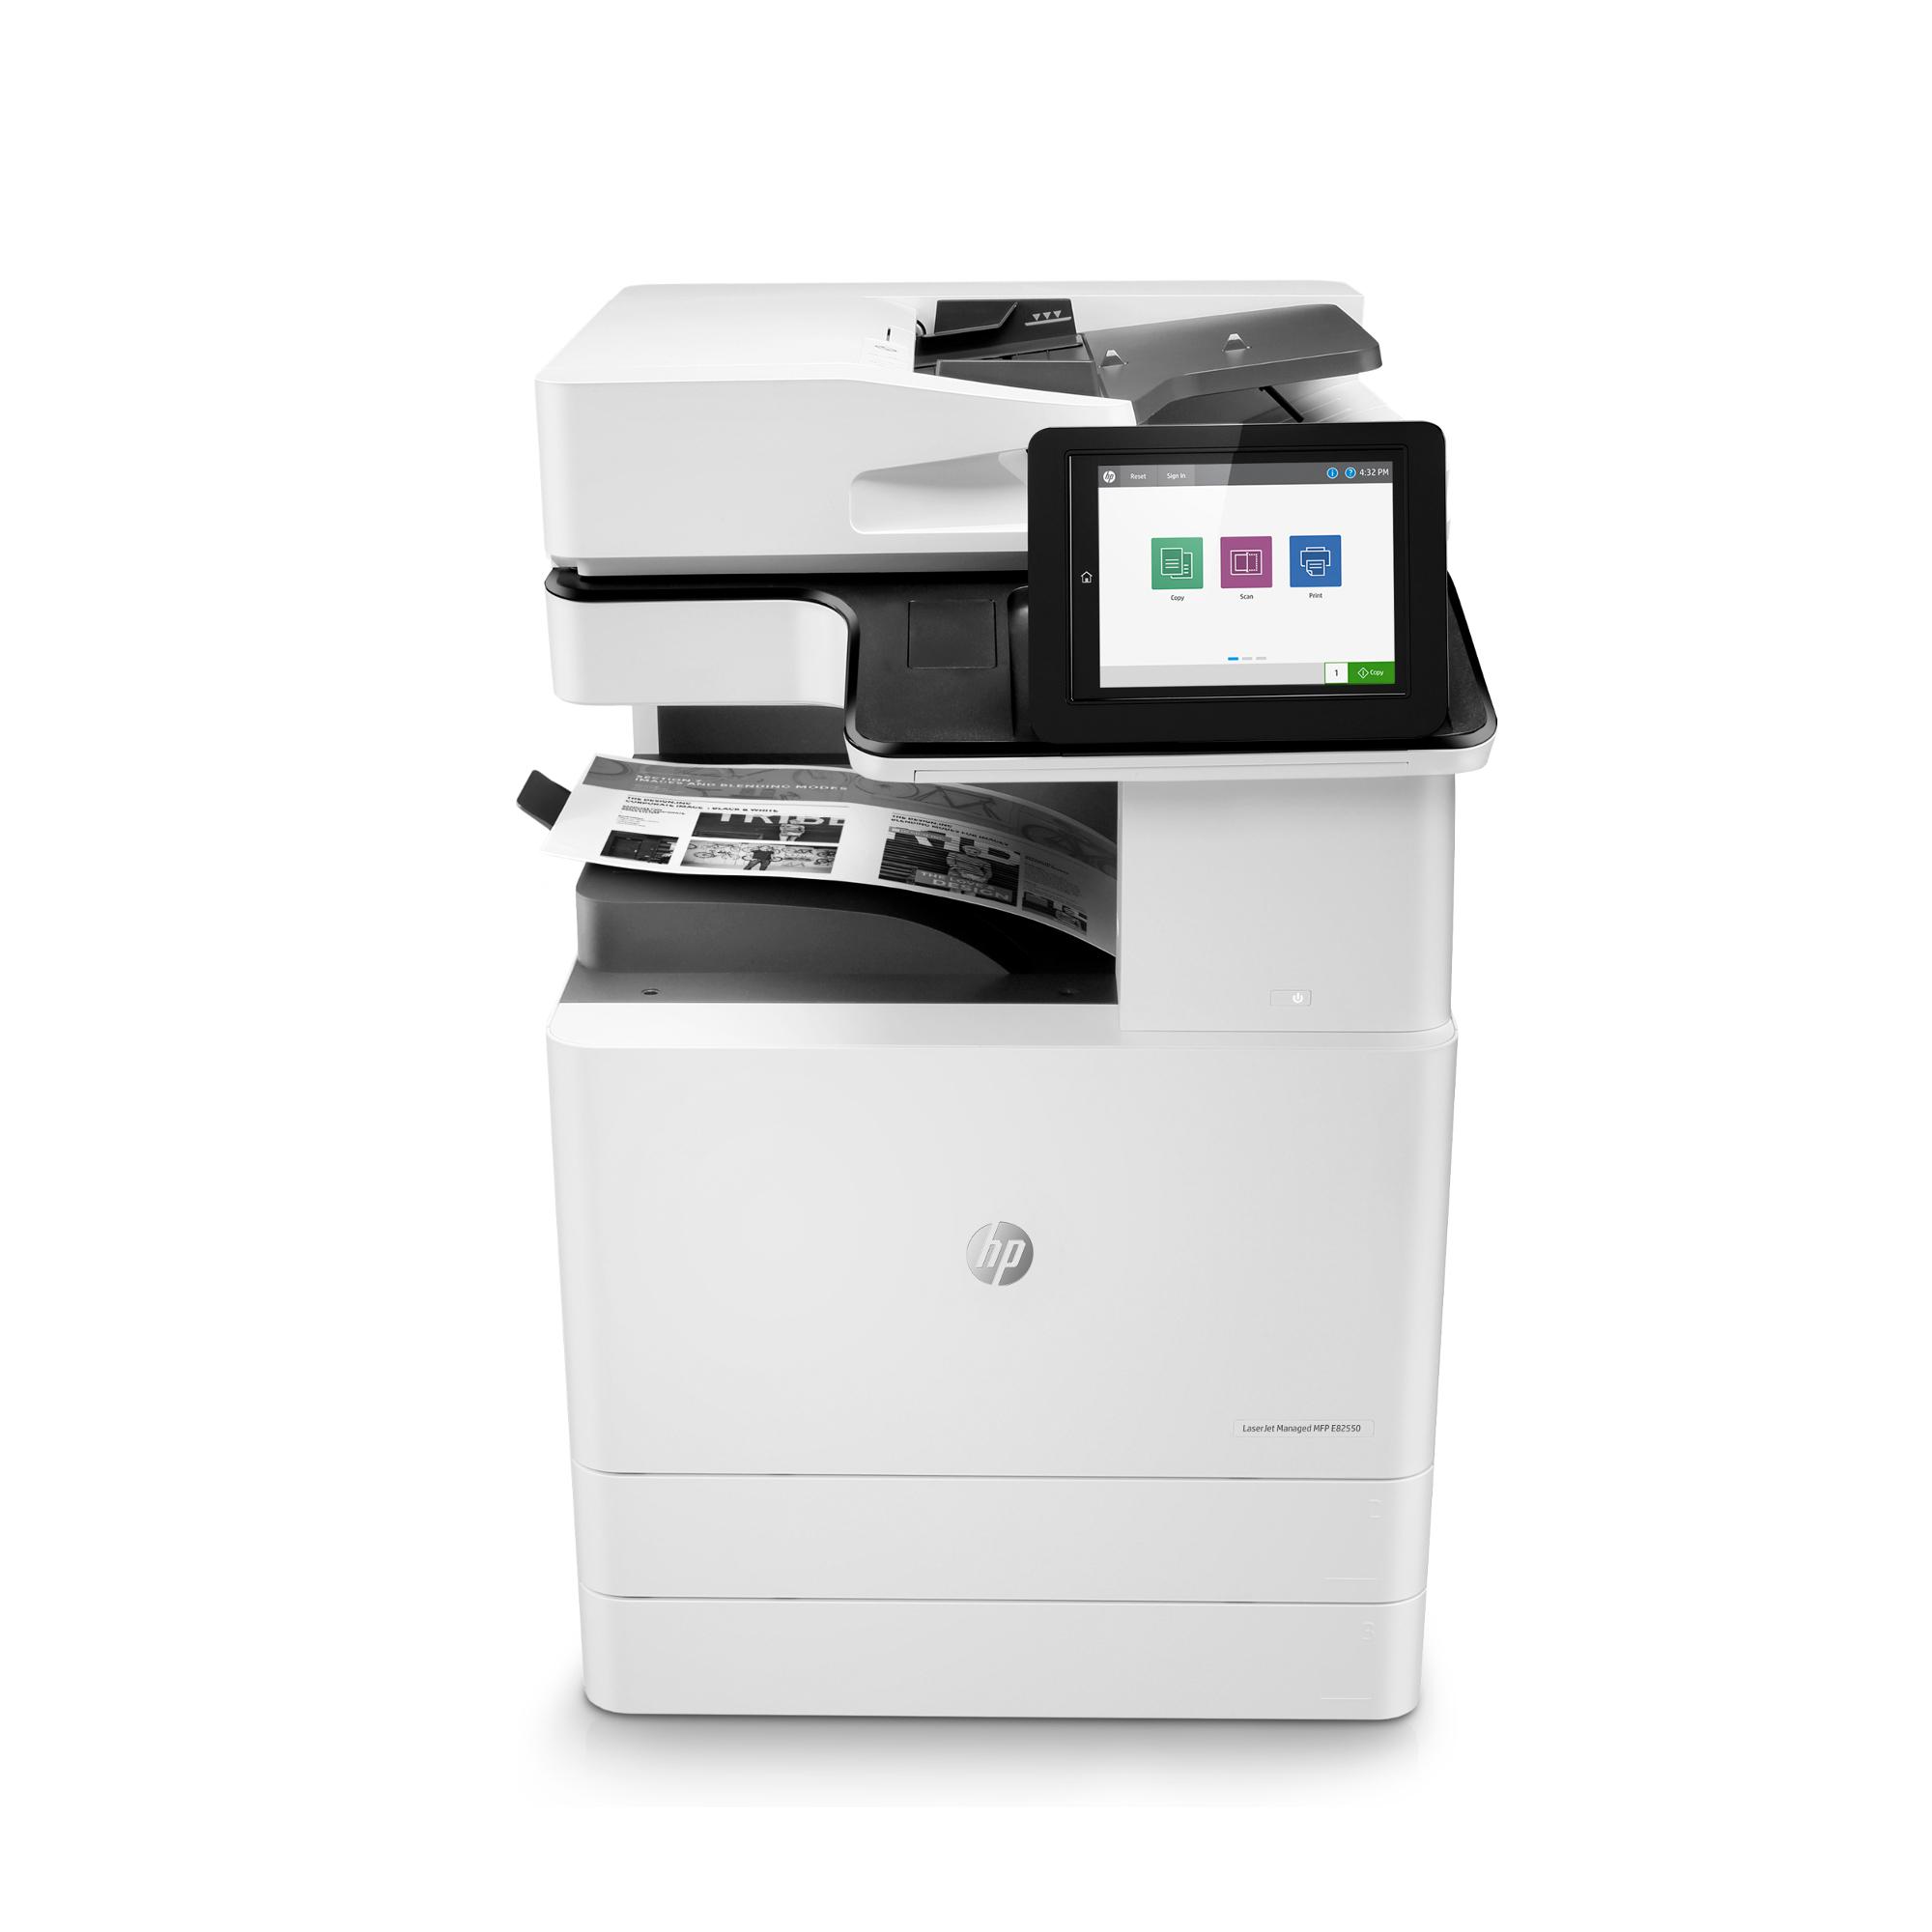 Noleggio Stampante Multifunzione HP LaserJet Managed E82550du - Lyreco print services